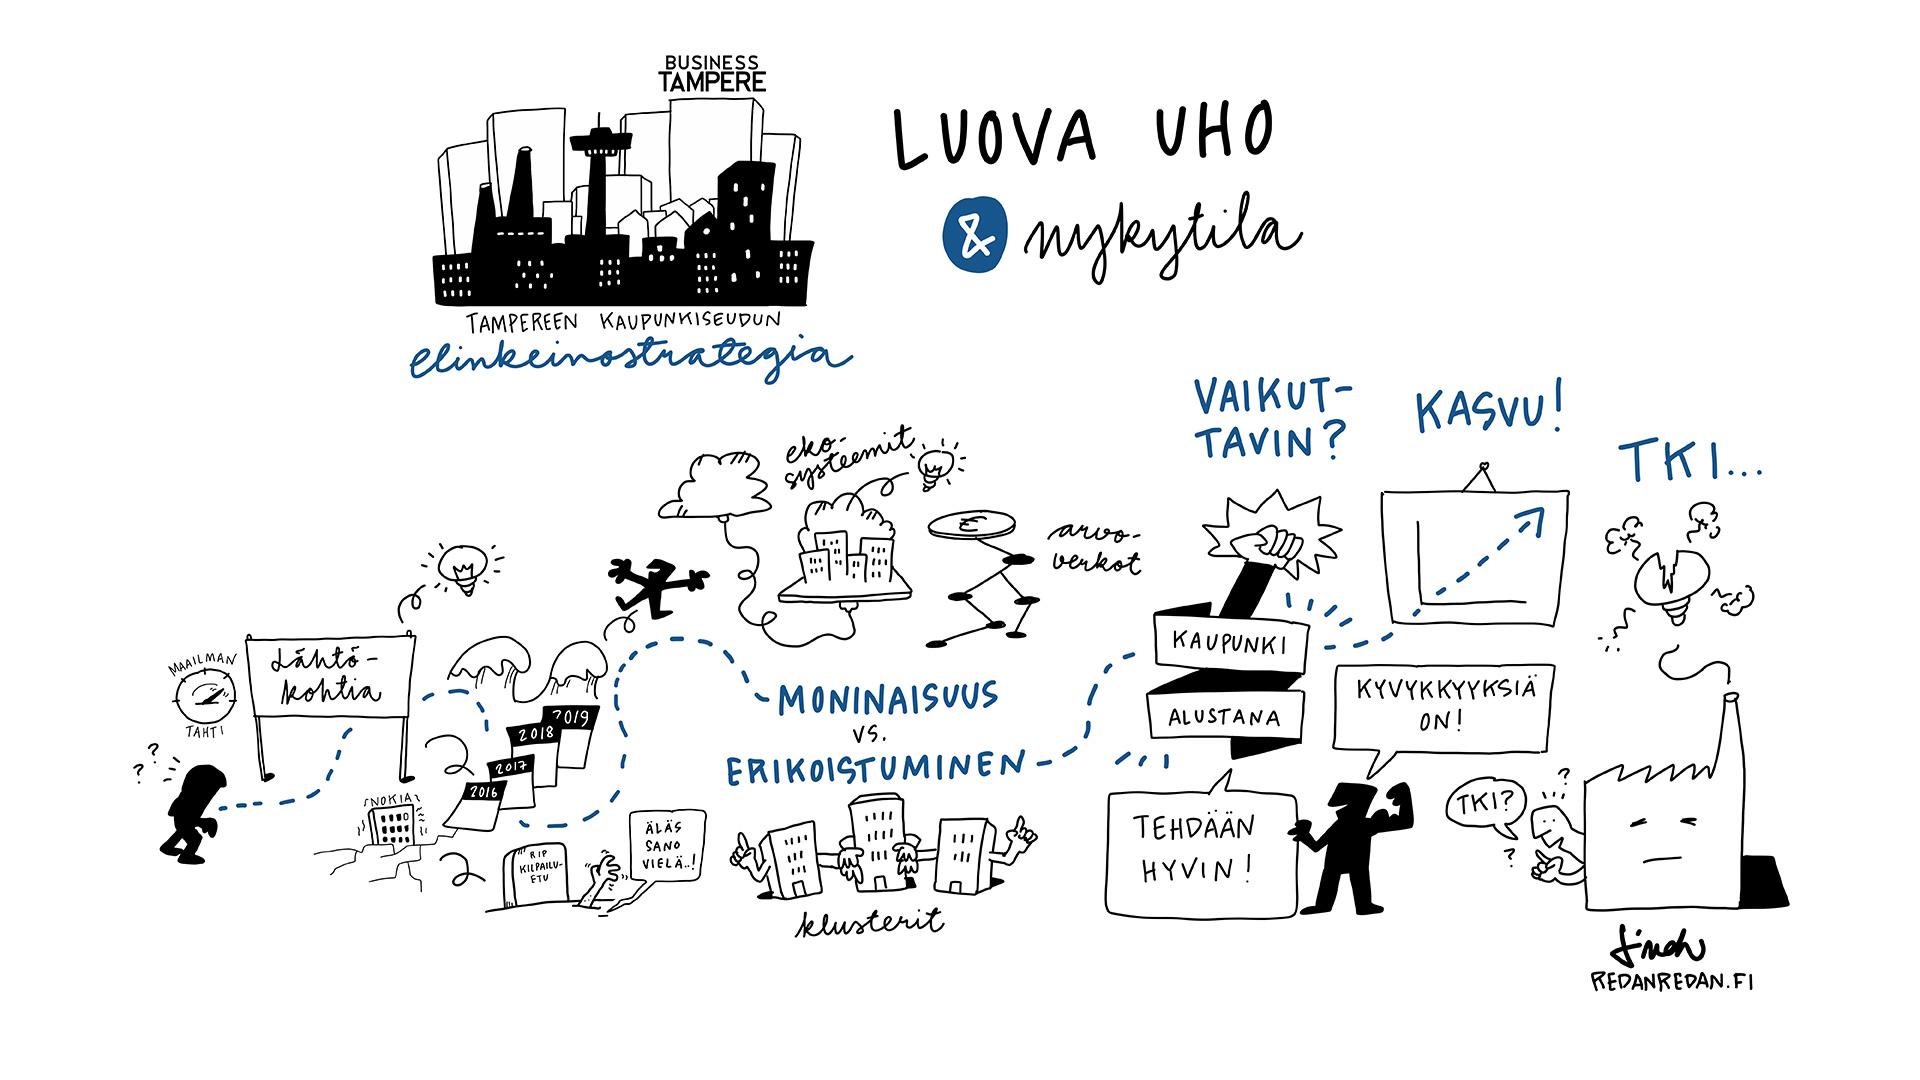 Tampere Business luovauho ja nykytila